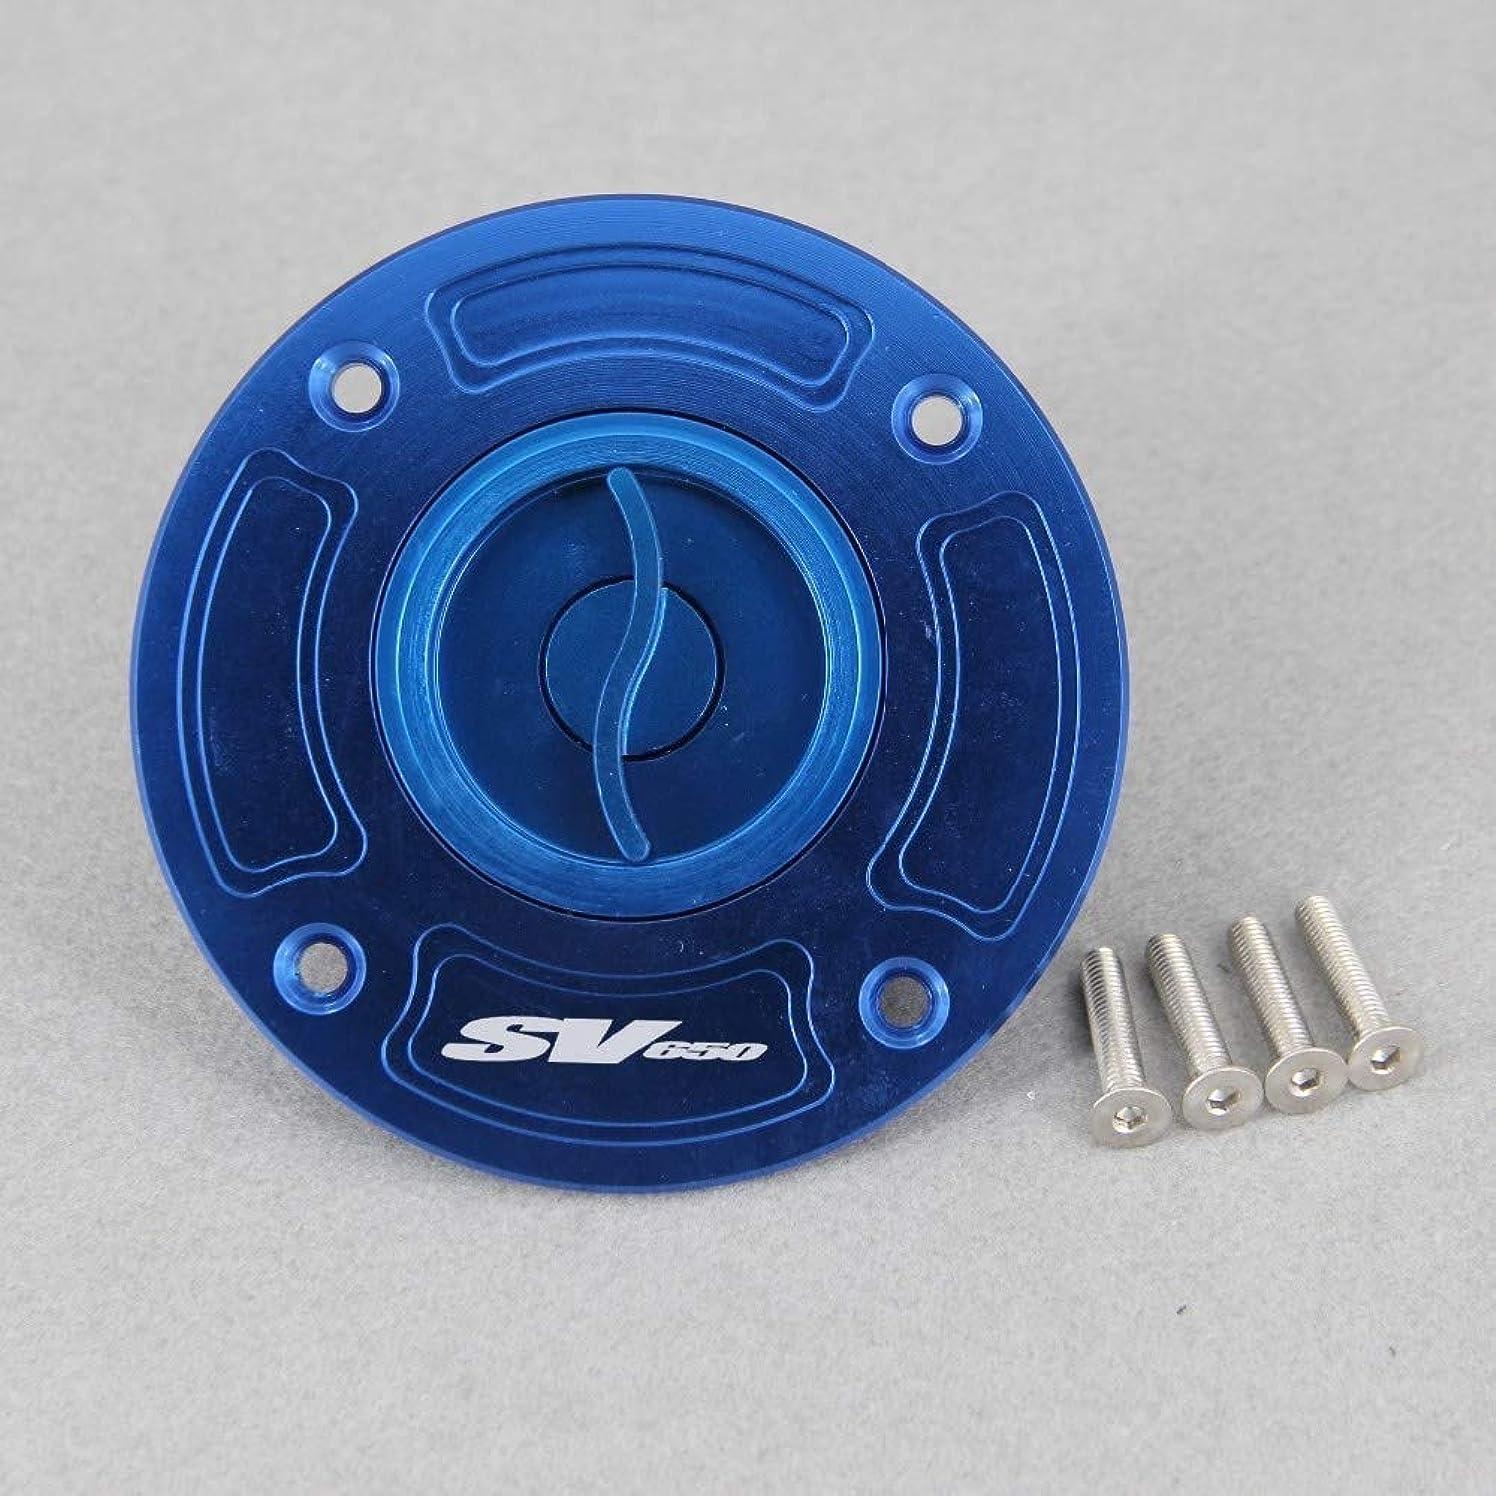 なくなる解任勝利したYLEIエレガントな外観 実用的なバイクアクセサリーオートバイアクセサリースズキSV650 SVのための燃料ガスタンクキャップカバー650 1999から2002 2001 2000 CNCアルミキーレススリヴァー (Color : Blue)